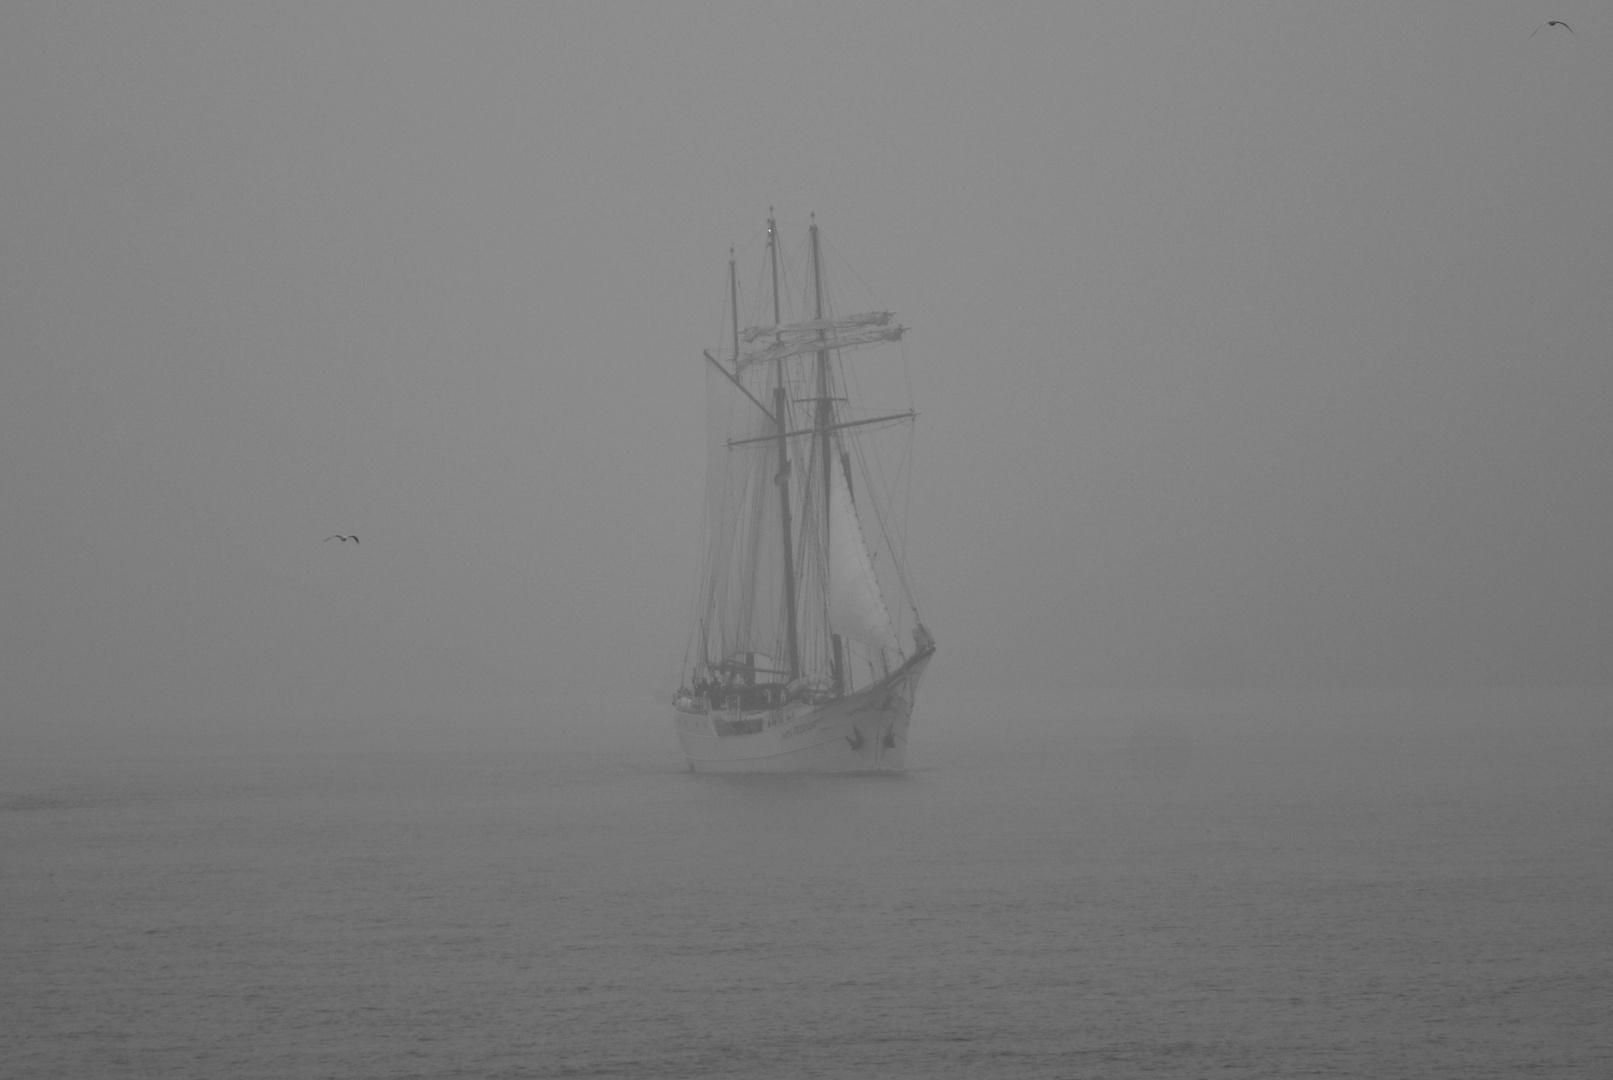 Ausschnitt vom Geisterschiff in Schwarz/weiss